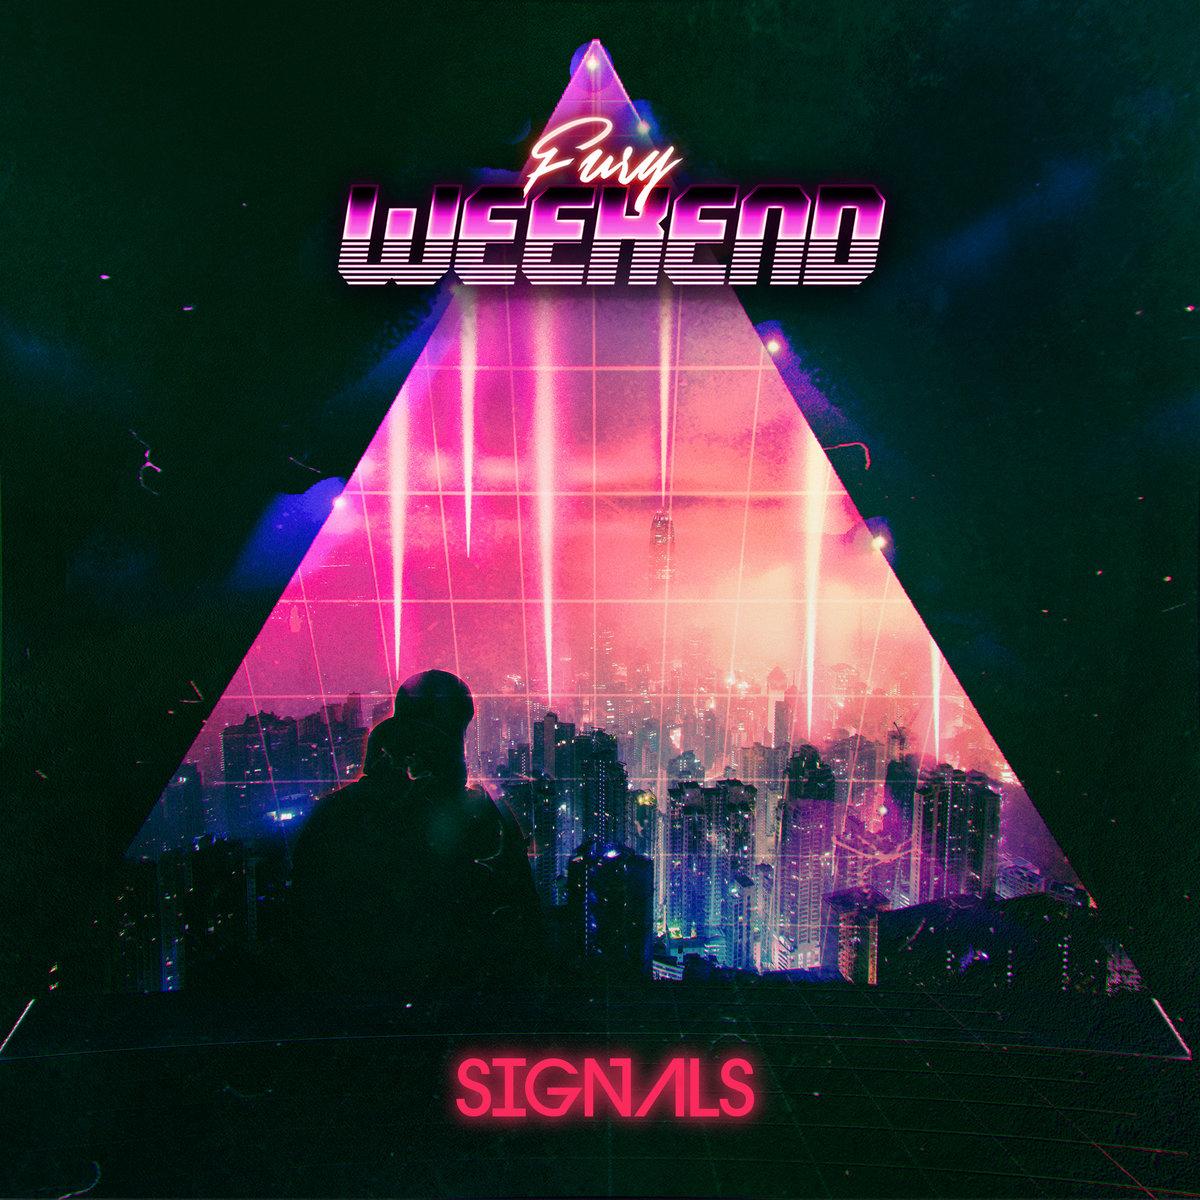 a1525239167 10 - Fury Weekend drops new album 'Signals'